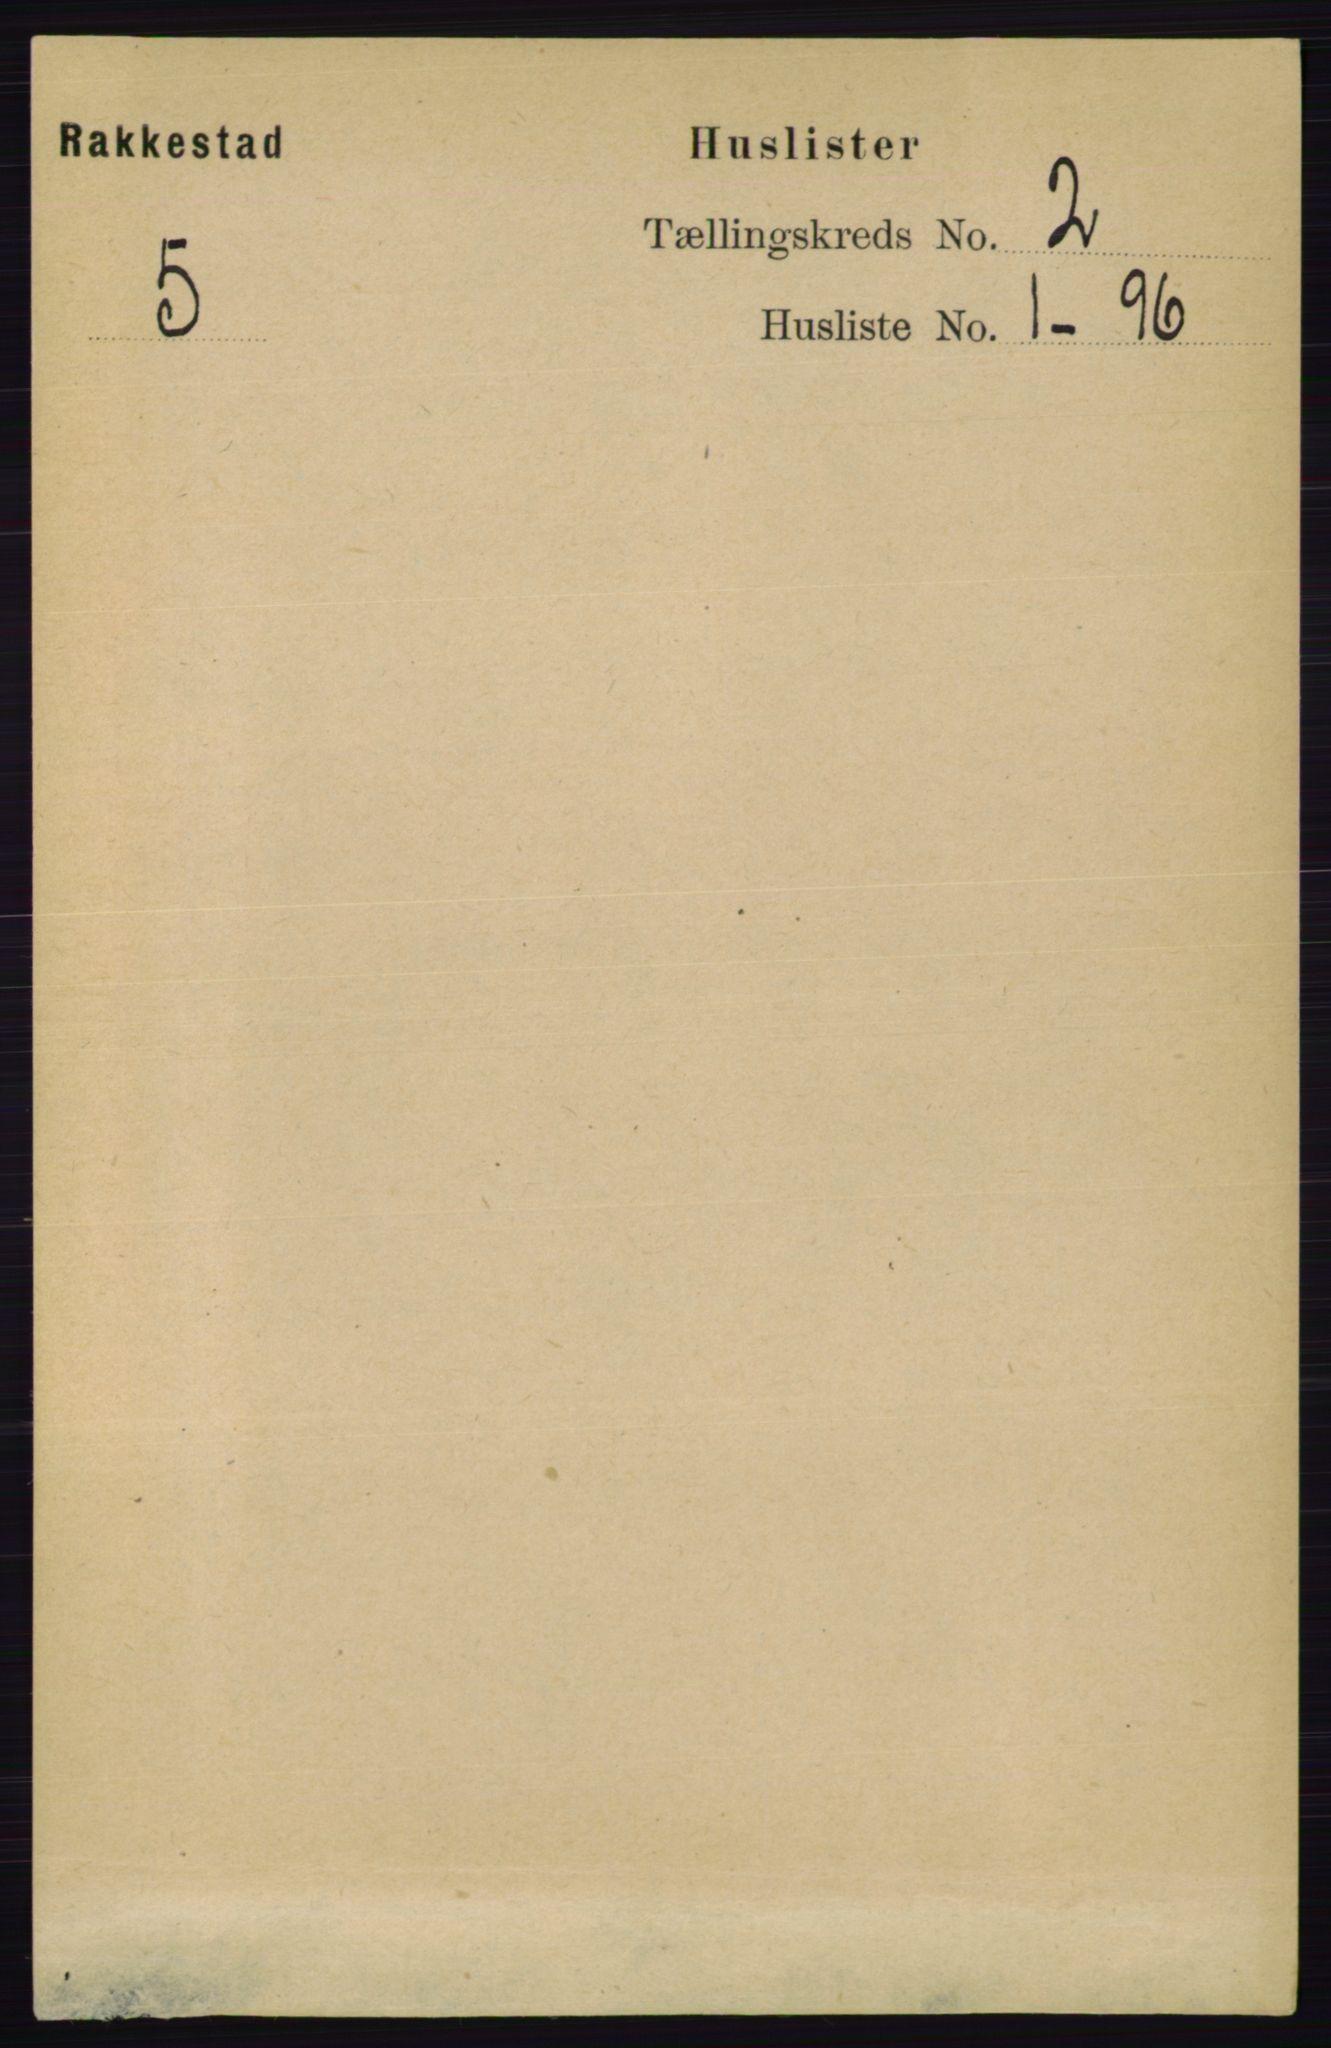 RA, Folketelling 1891 for 0128 Rakkestad herred, 1891, s. 520